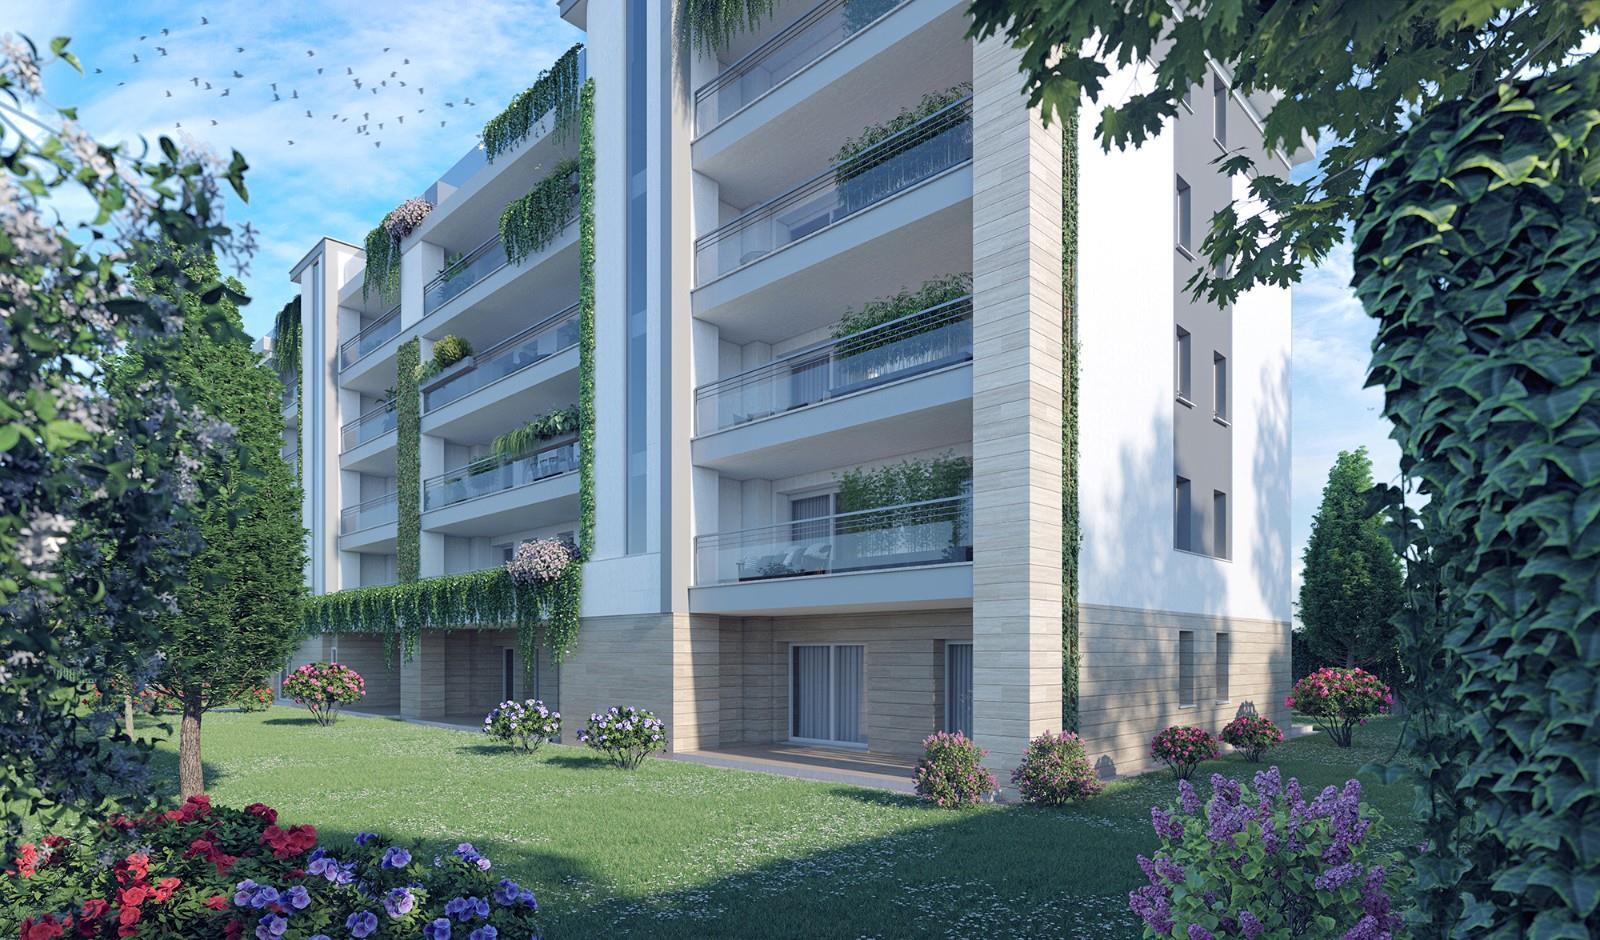 Foto 2 - Appartamento in Vendita - Monza, Zona Regina Pacis